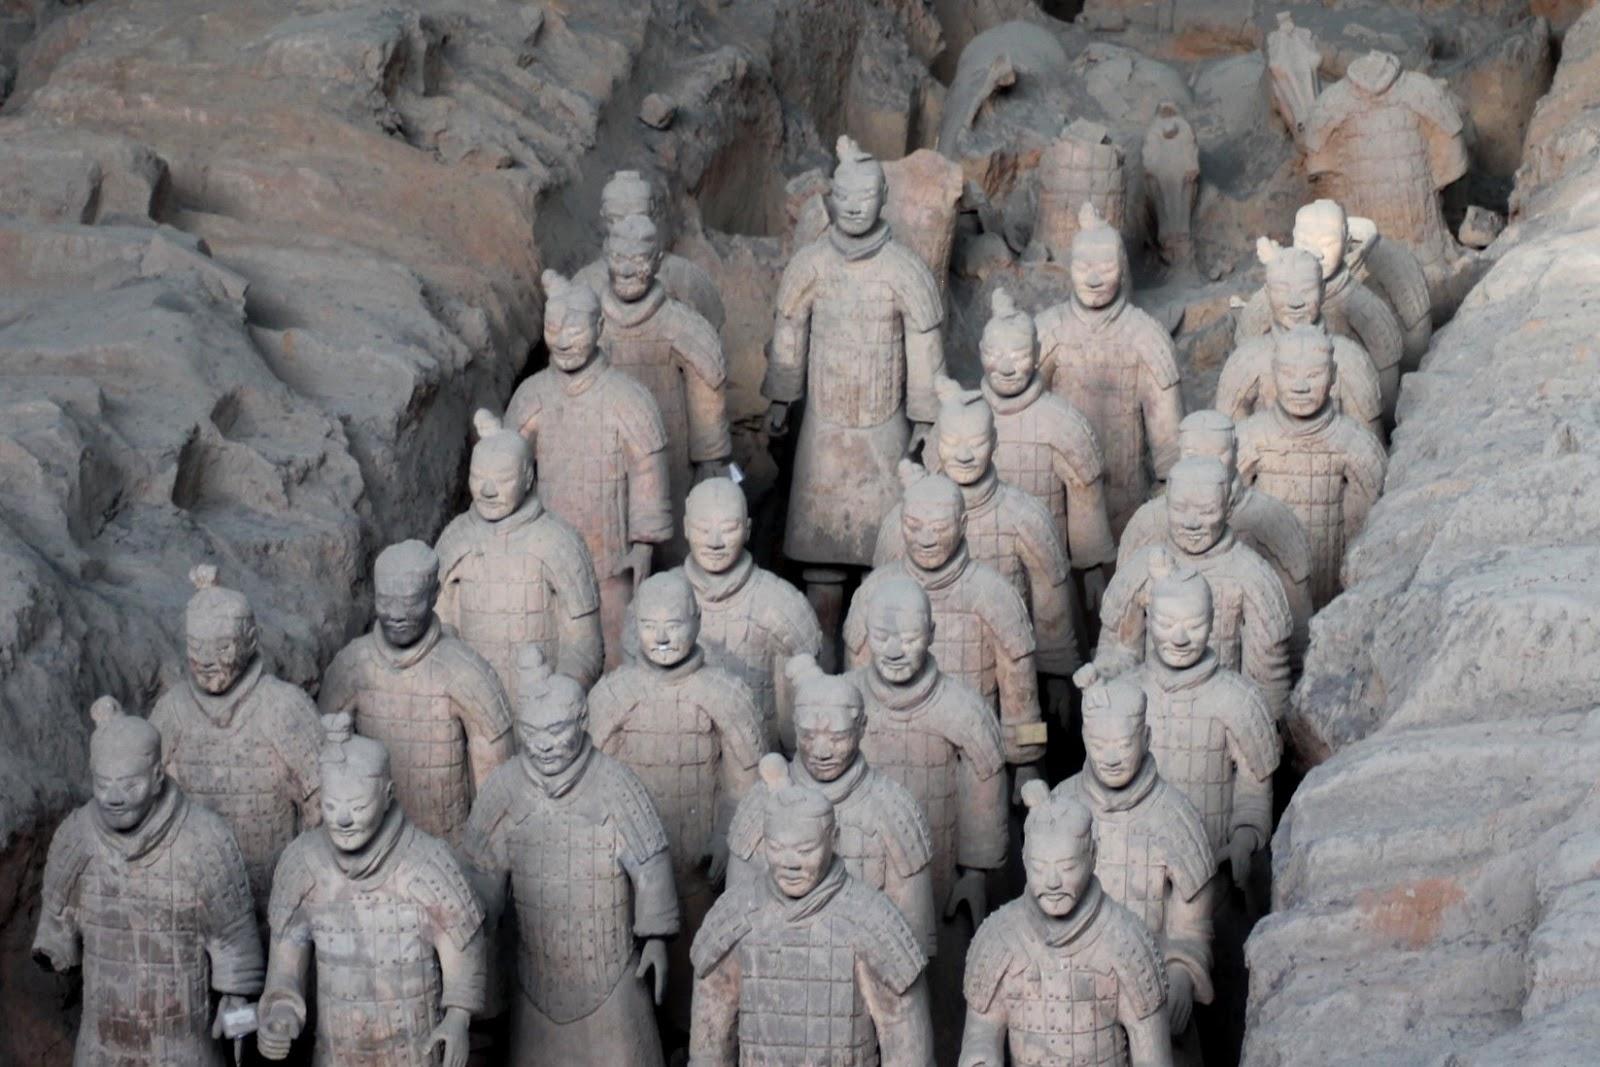 esercito di terra cotta xi'an